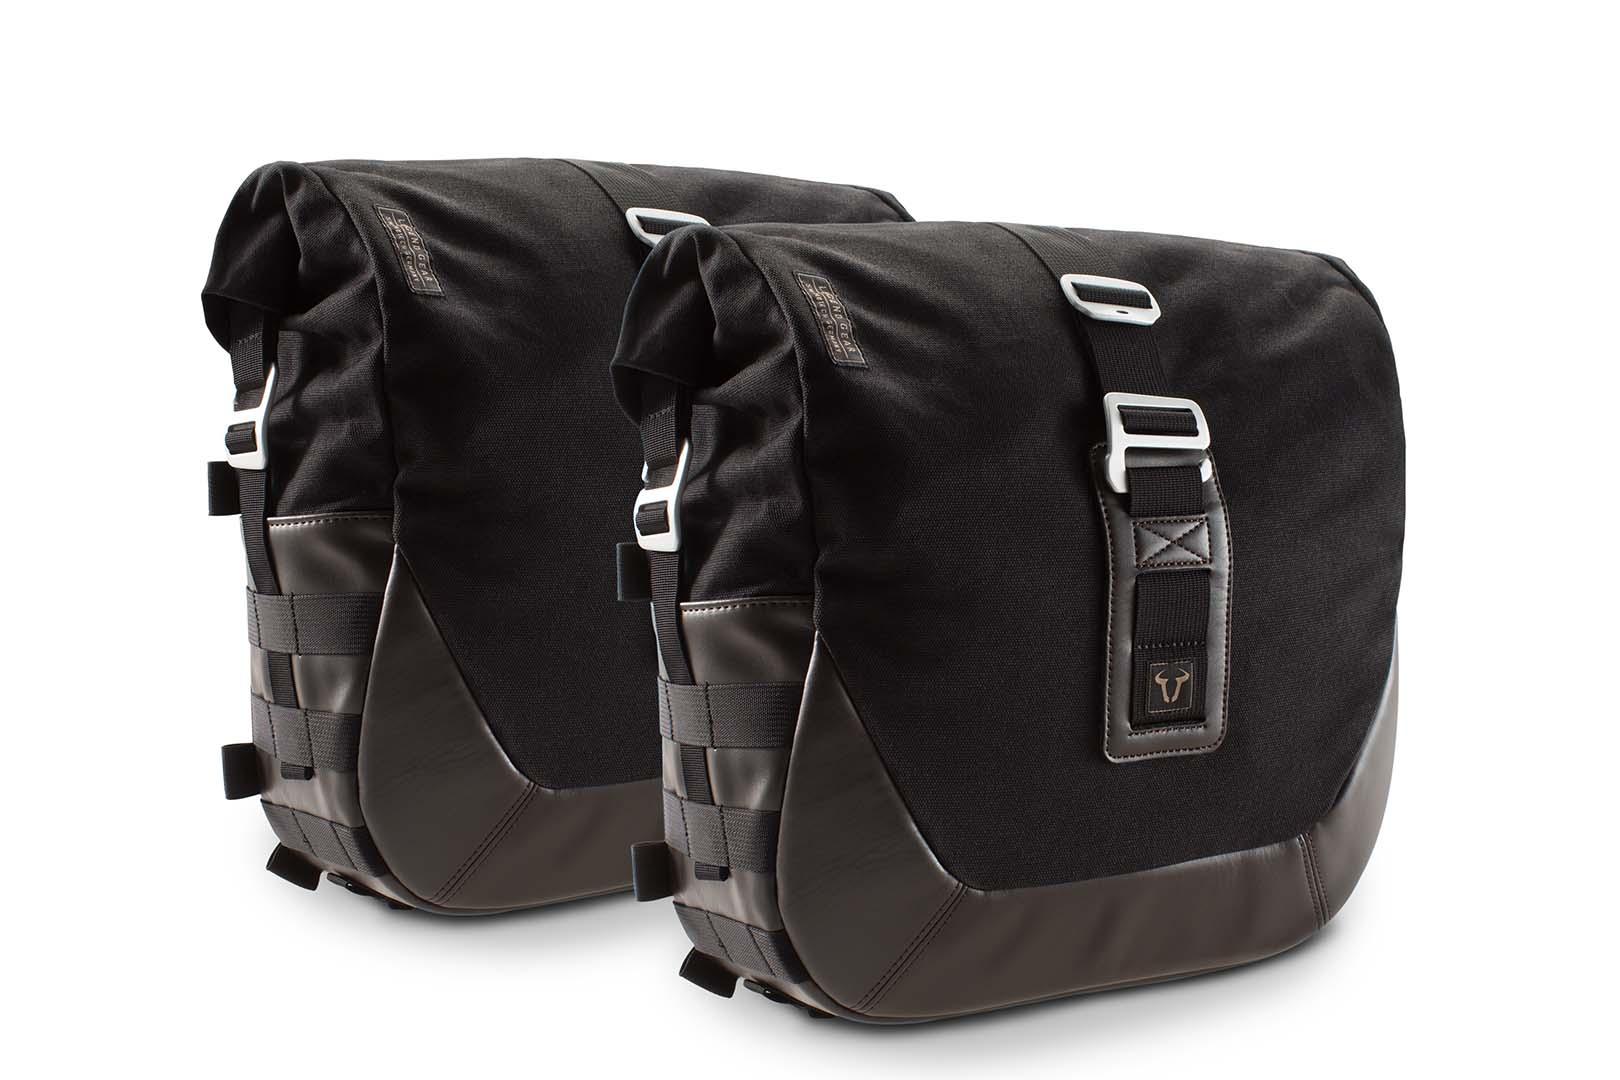 Legend Gear Side Bag Set. Triumph Bonneville / T100 (04-) / Thruxton